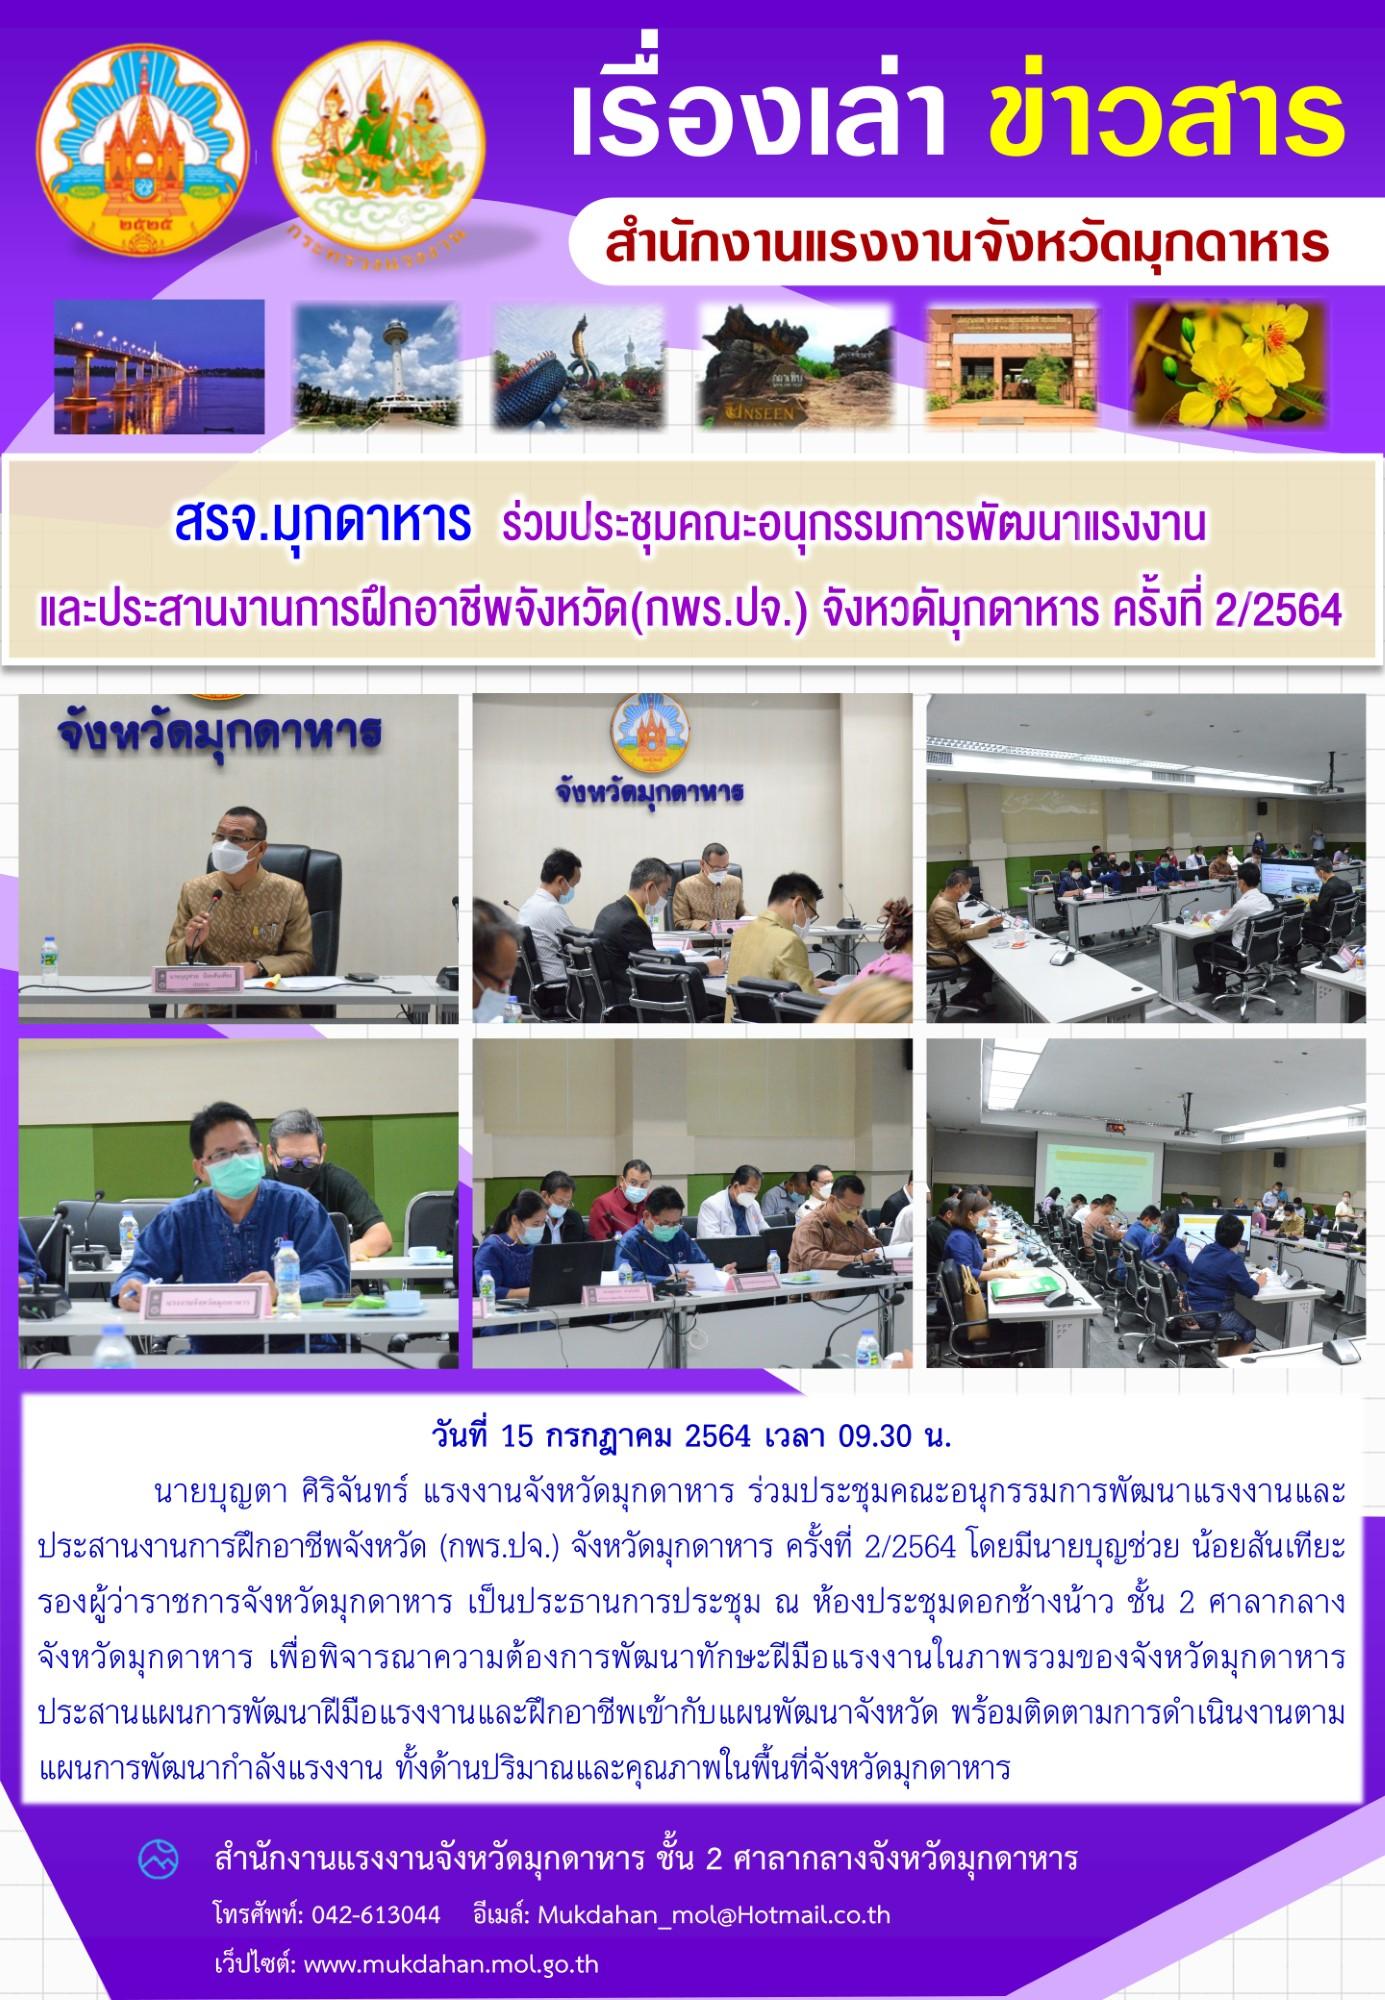 สรจ.มุกดาหาร  ร่วมประชุมคณะอนุกรรมการพัฒนาแรงงาน และประสานงานการฝึกอาชีพจังหวัด(กพร.ปจ.) จังหวดัมุกดาหาร ครั้งที่ 2/2564